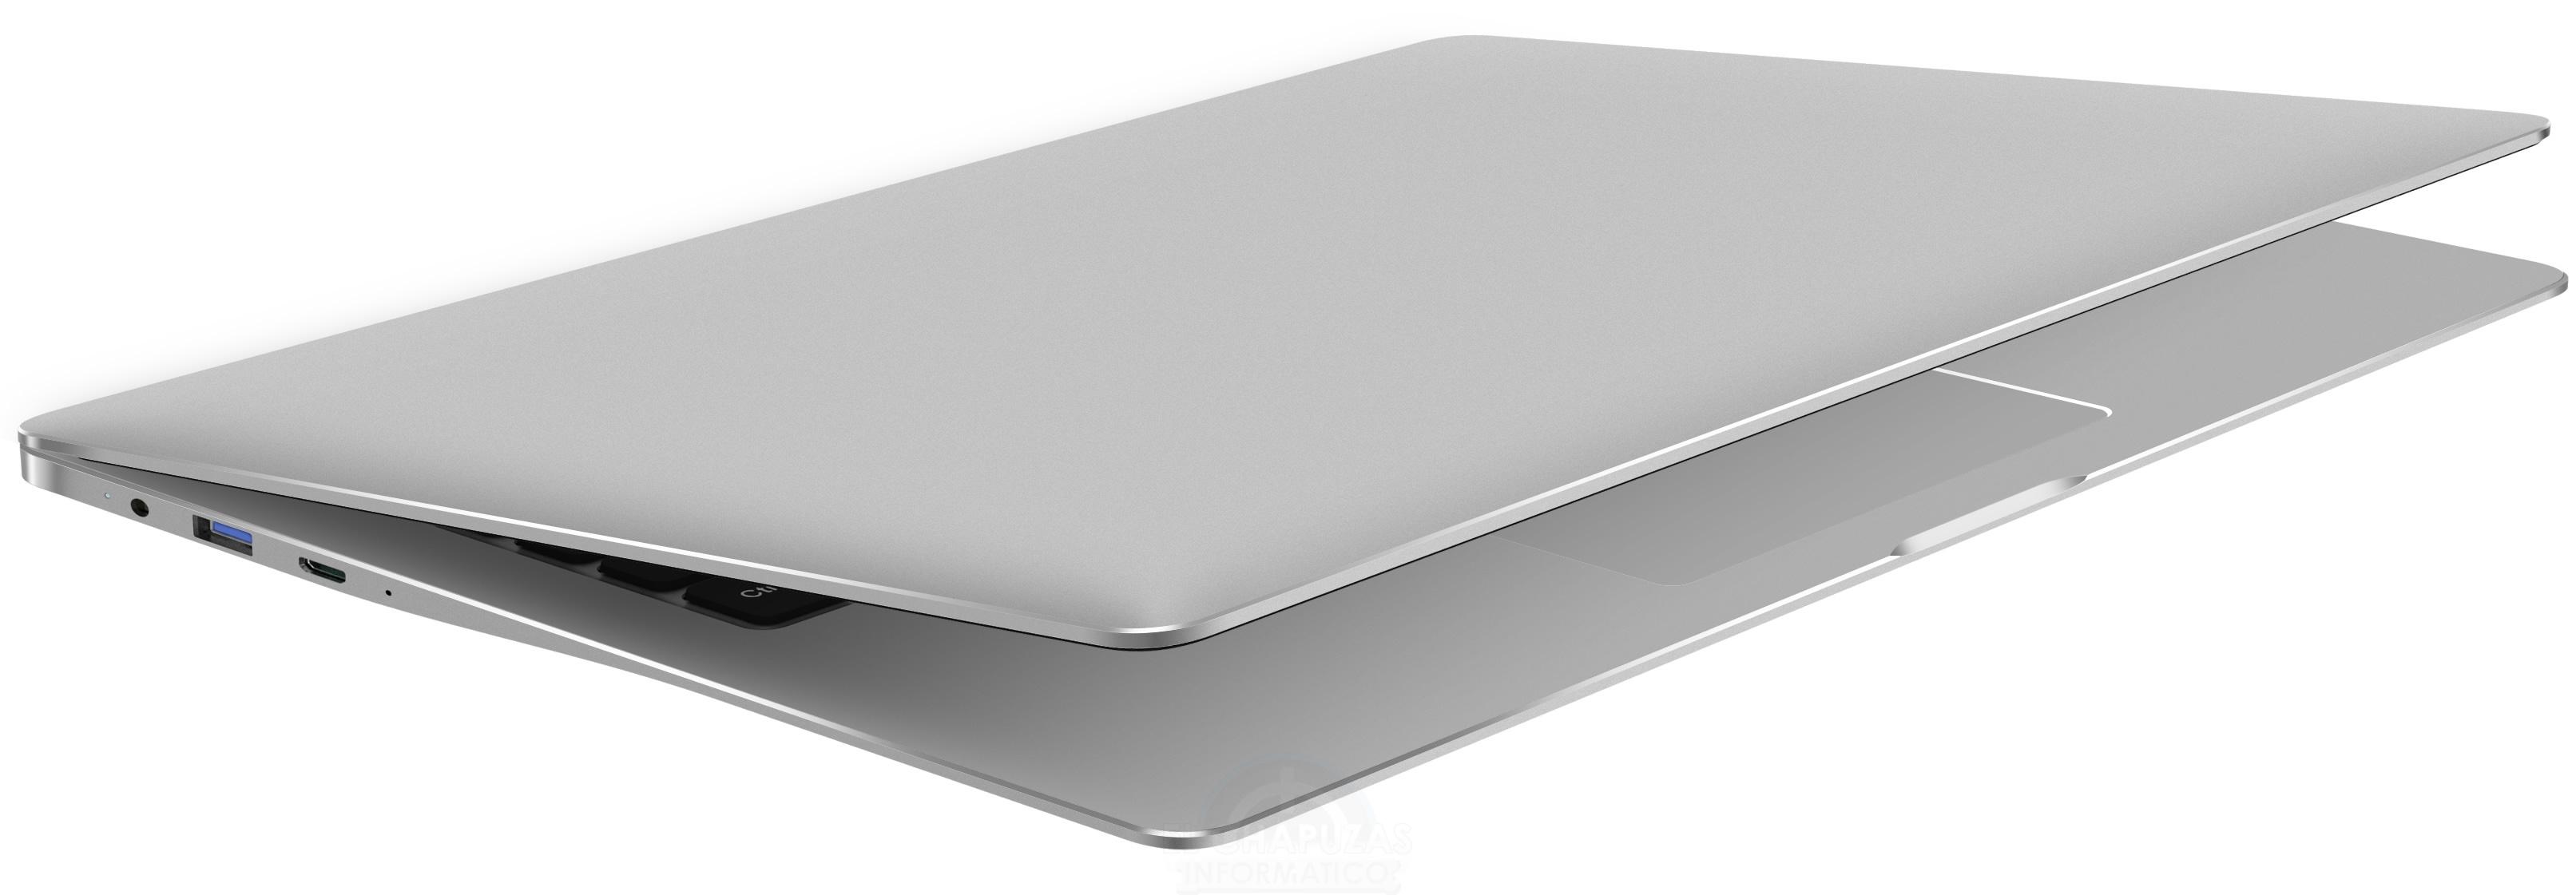 Chuwi Lapbook 12.3: Ultrabook de 12.3″ FHD+ con 6GB RAM y ranura M.2